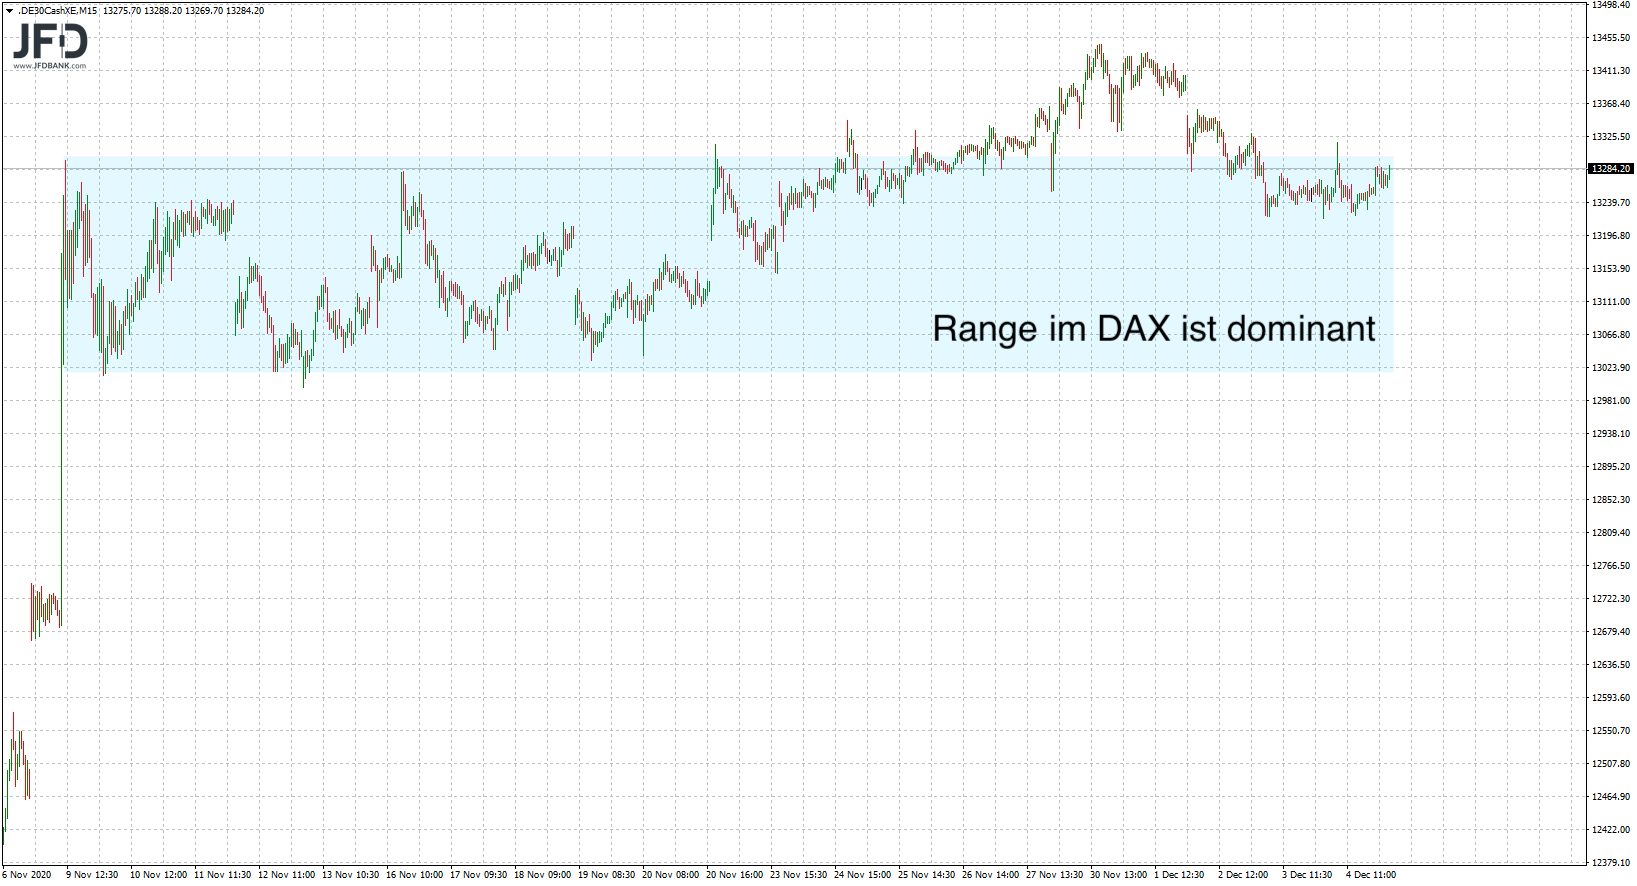 DAX-Range im Mittelfristchart